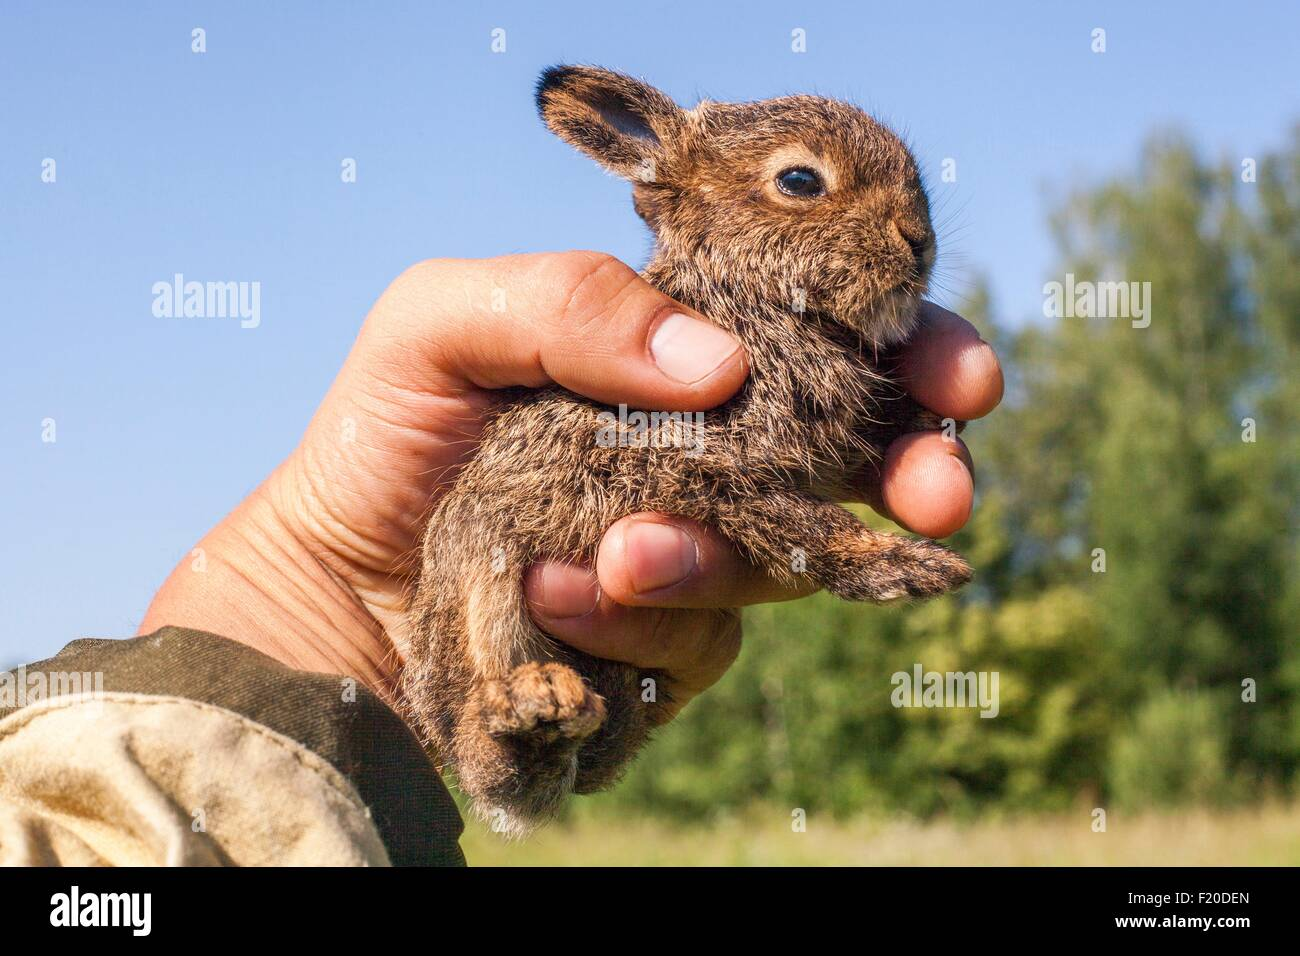 Cerca de machos mano sosteniendo un pequeño conejo de menores Imagen De Stock